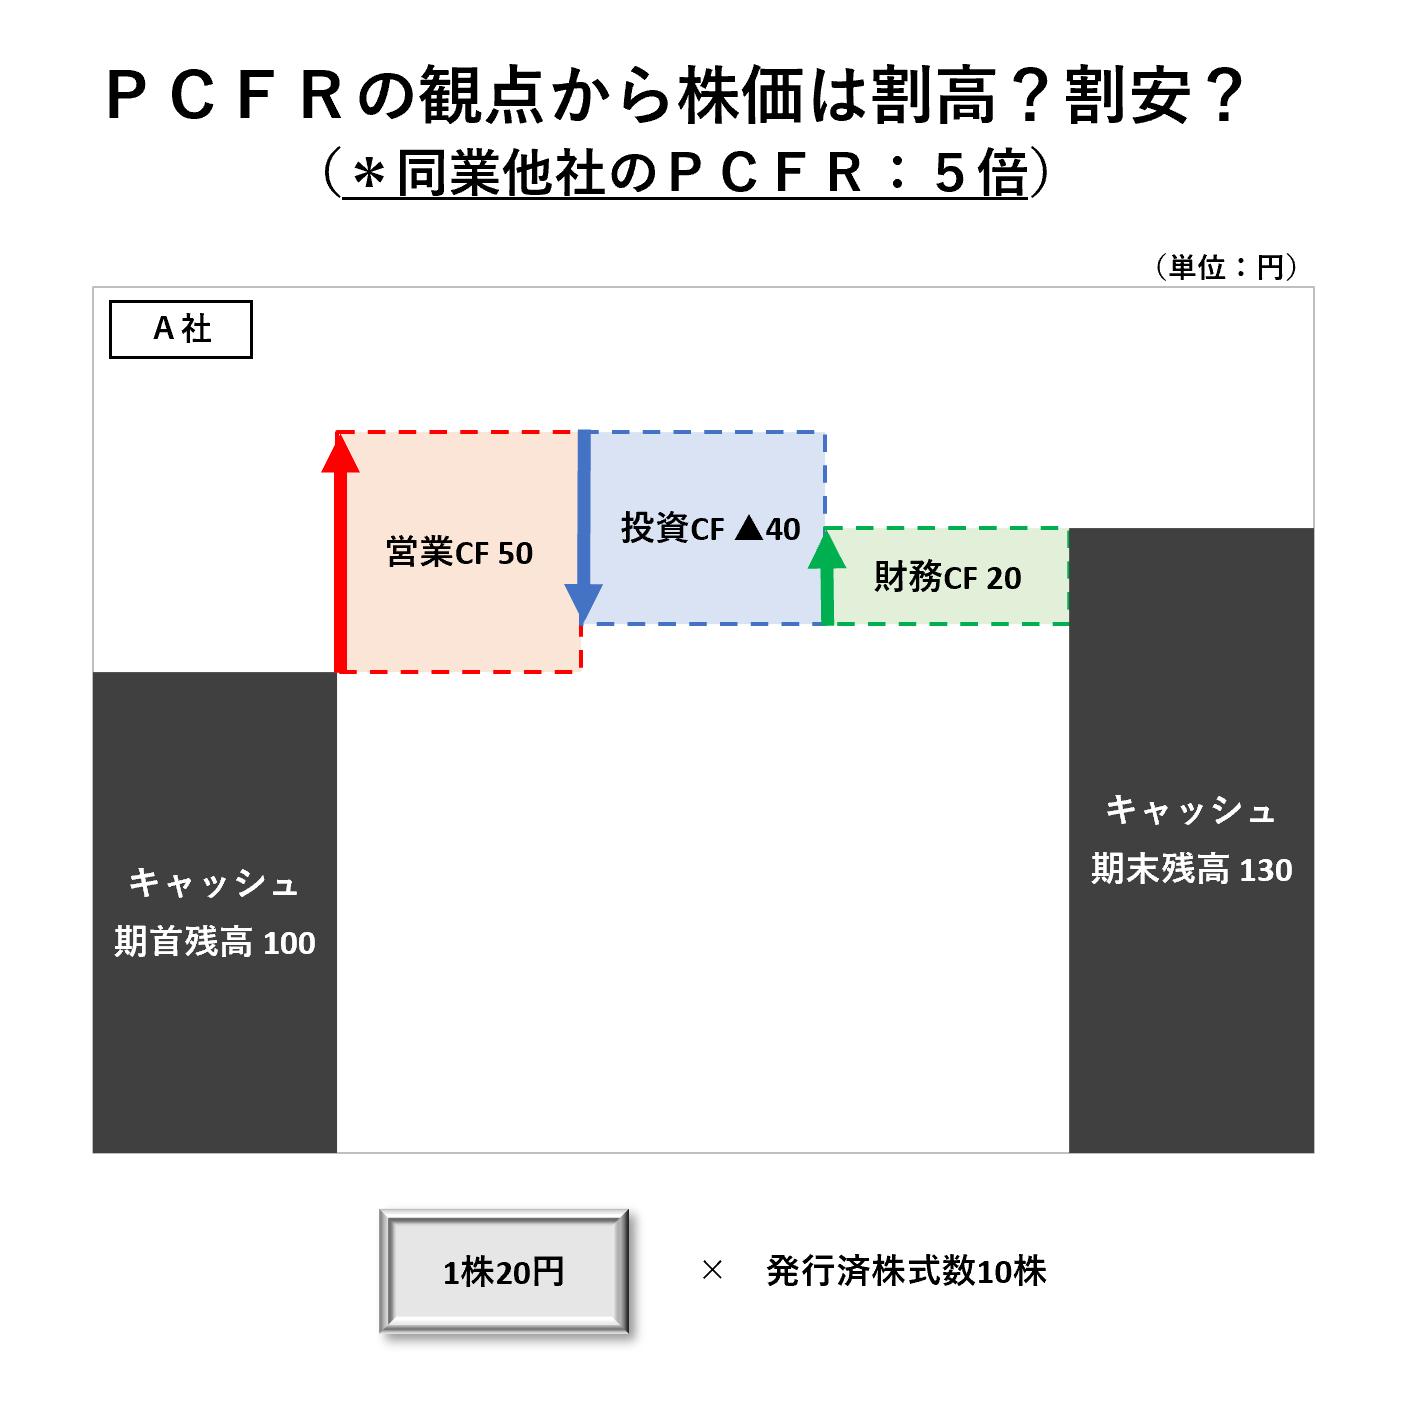 1株当たり分析(2級):PCFR割高割安ー問題